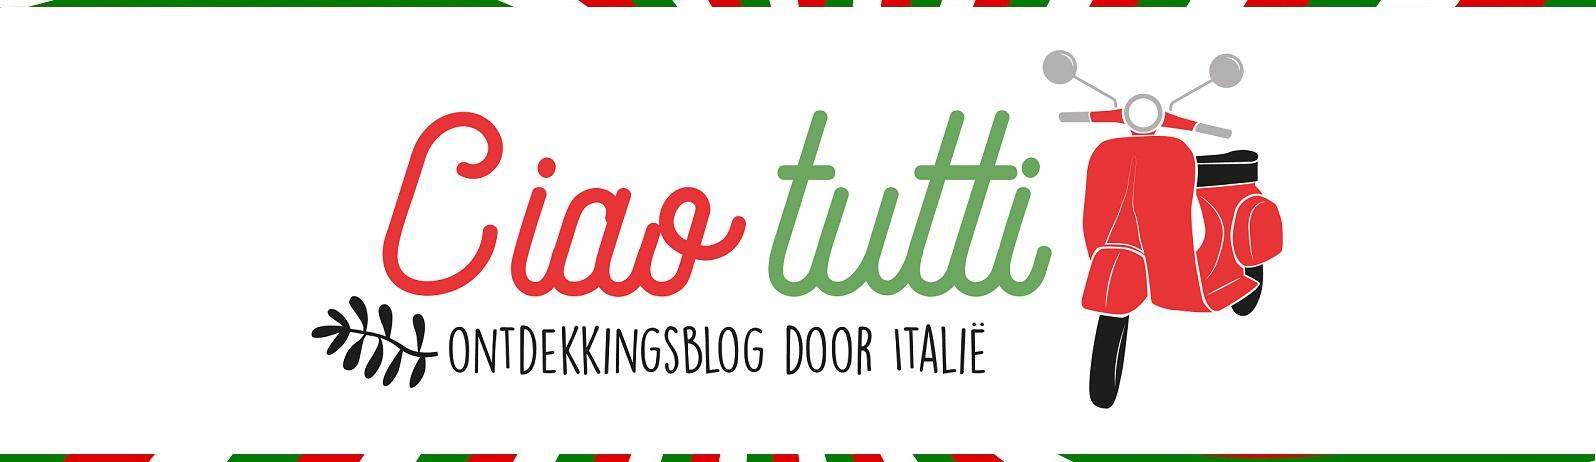 Ciao tutti – ontdekkingsblog door Italië